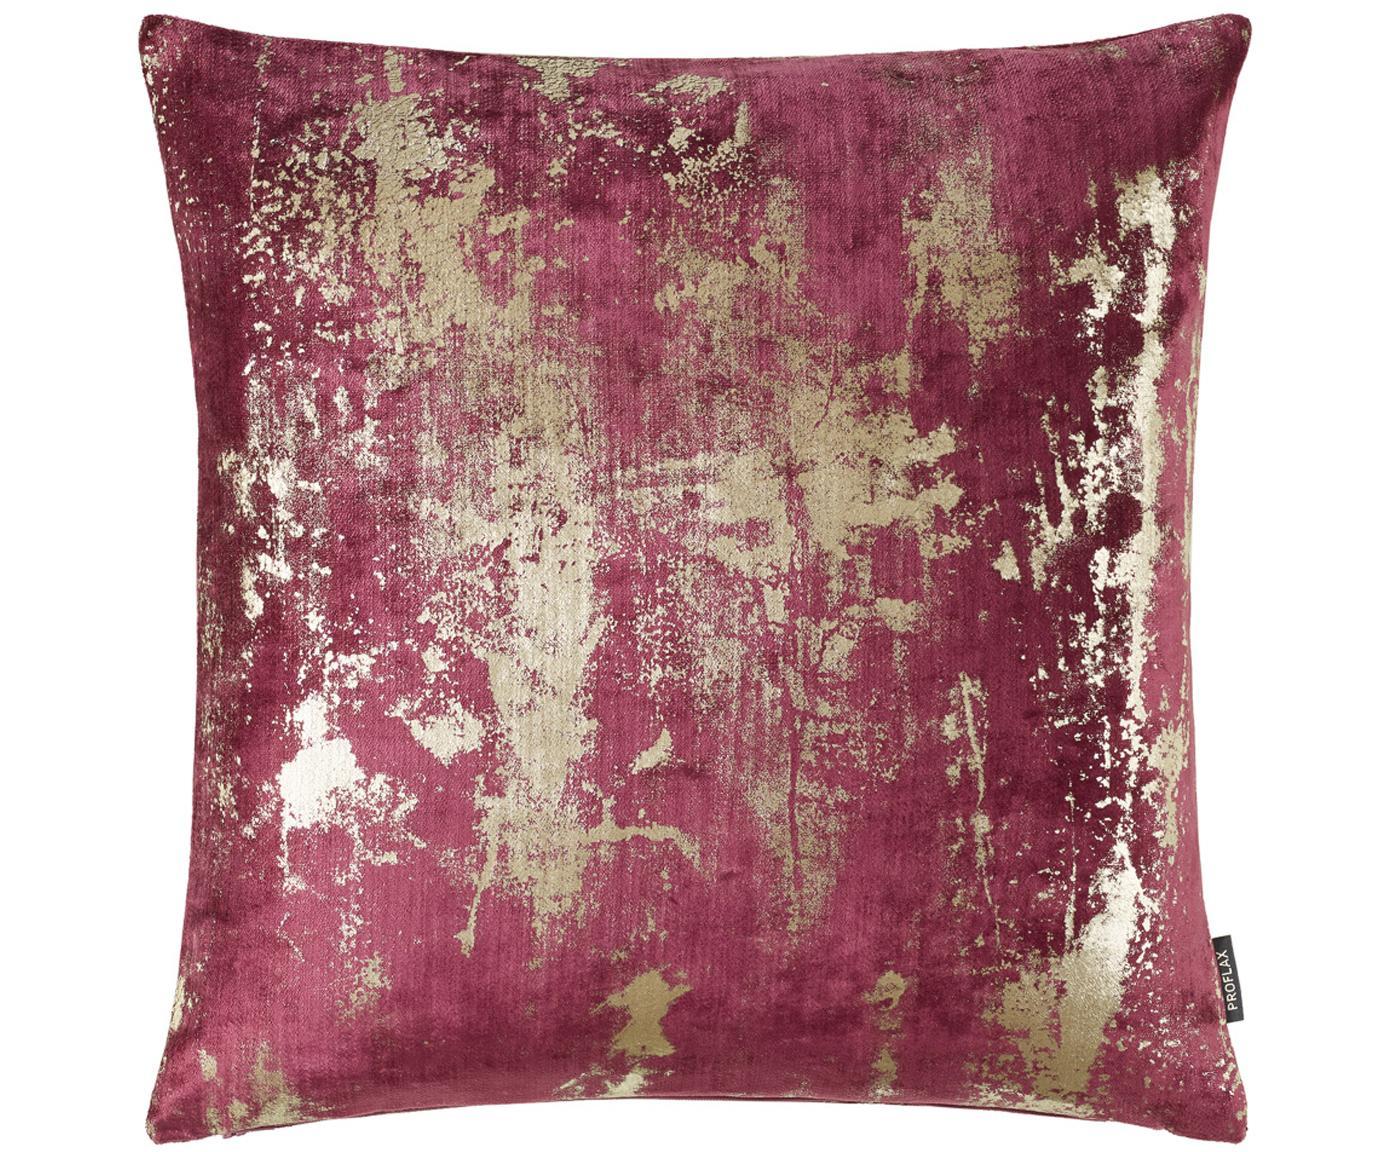 Federa arredo vintage in velluto Shiny, Velluto di poliestere, Vino rosso, Larg. 40 x Lung. 40 cm